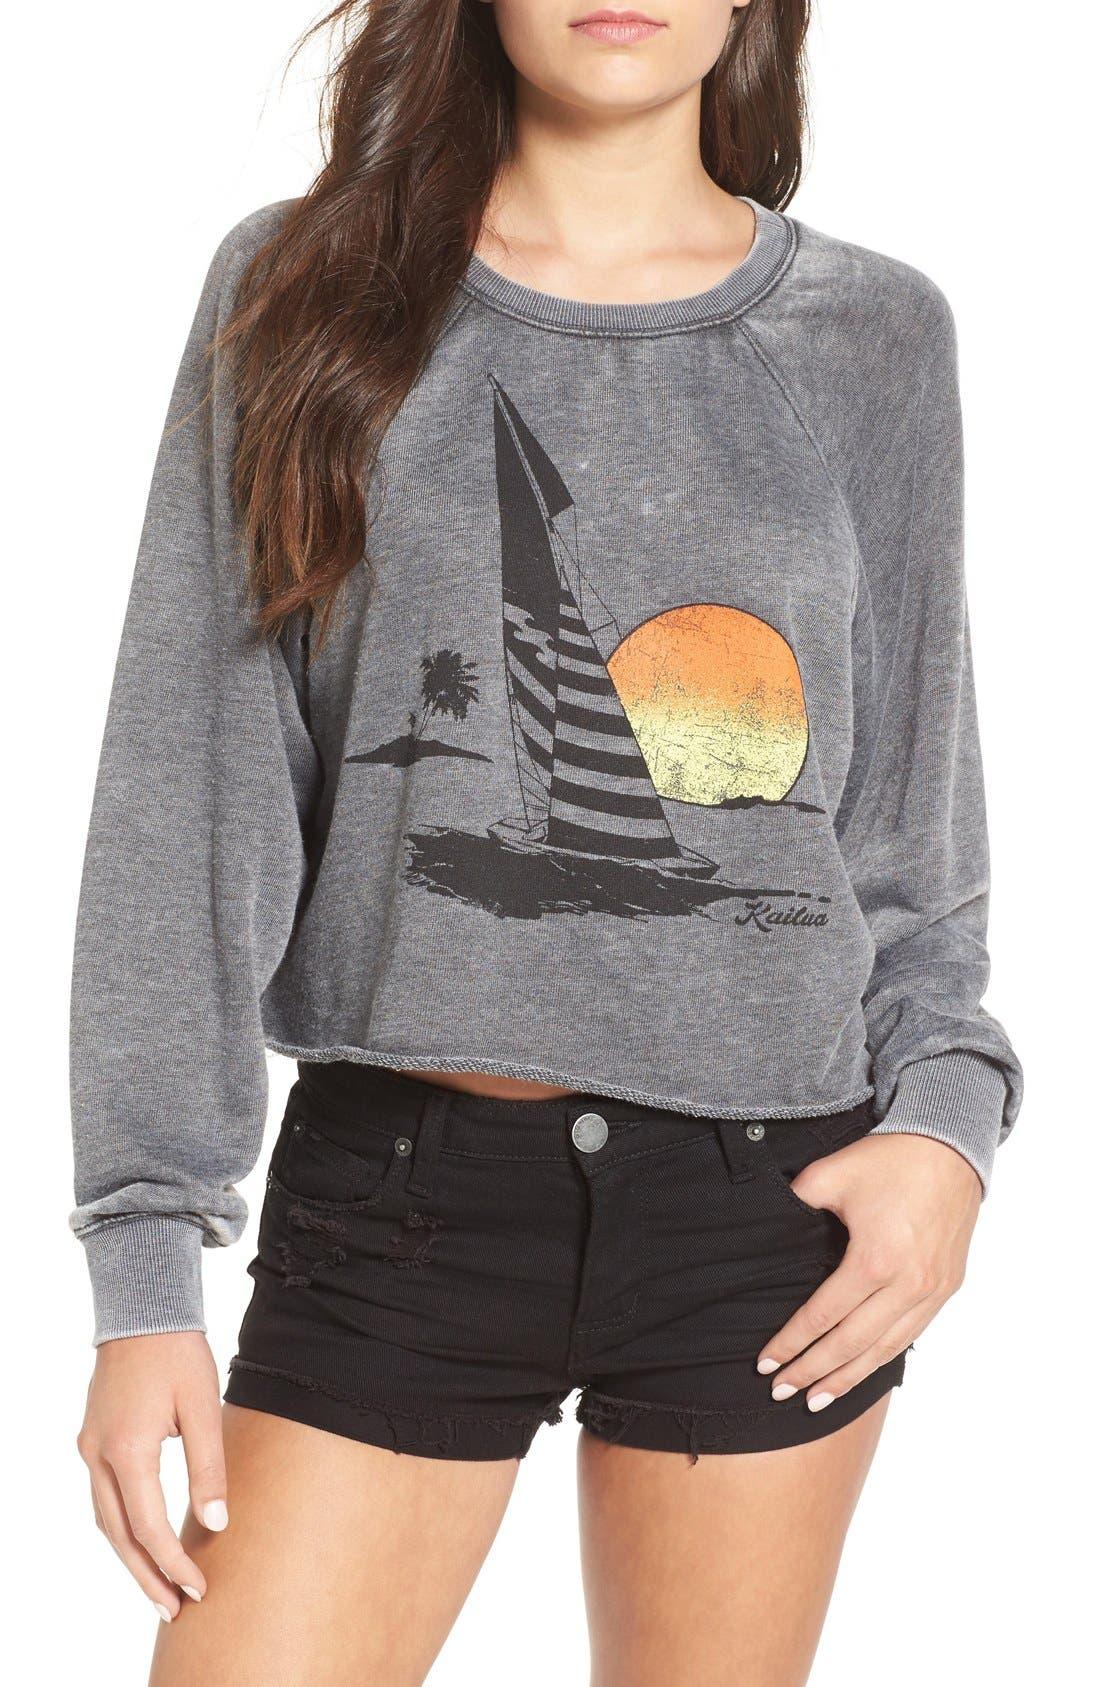 Alternate Image 1 Selected - Billabong 'Again & Again' Crop Sweatshirt